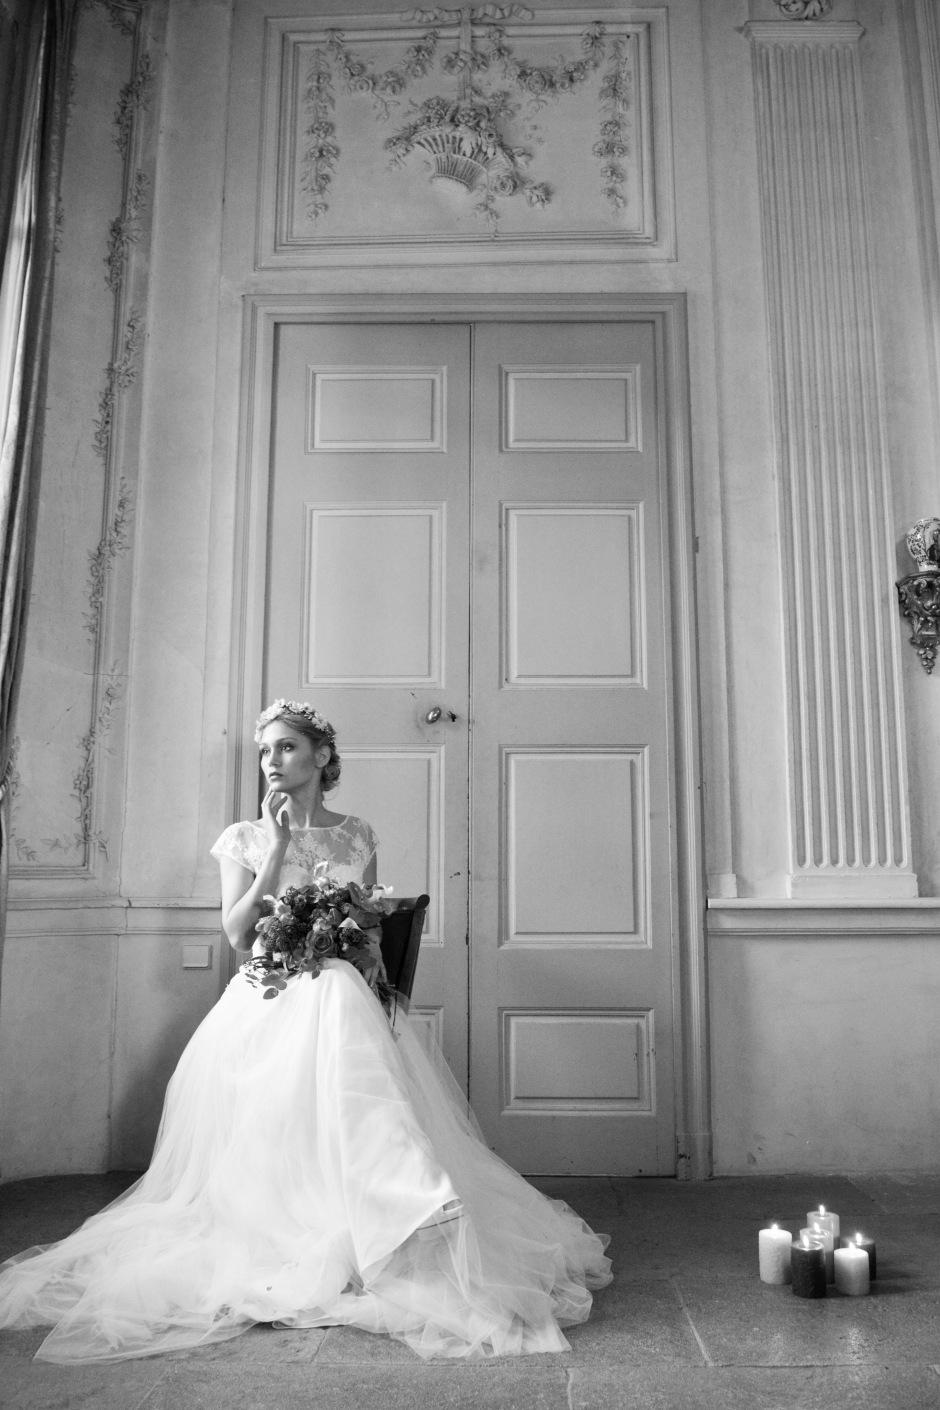 mariage-fiancailles-st-valentin-chateau-de-la-mogere-73